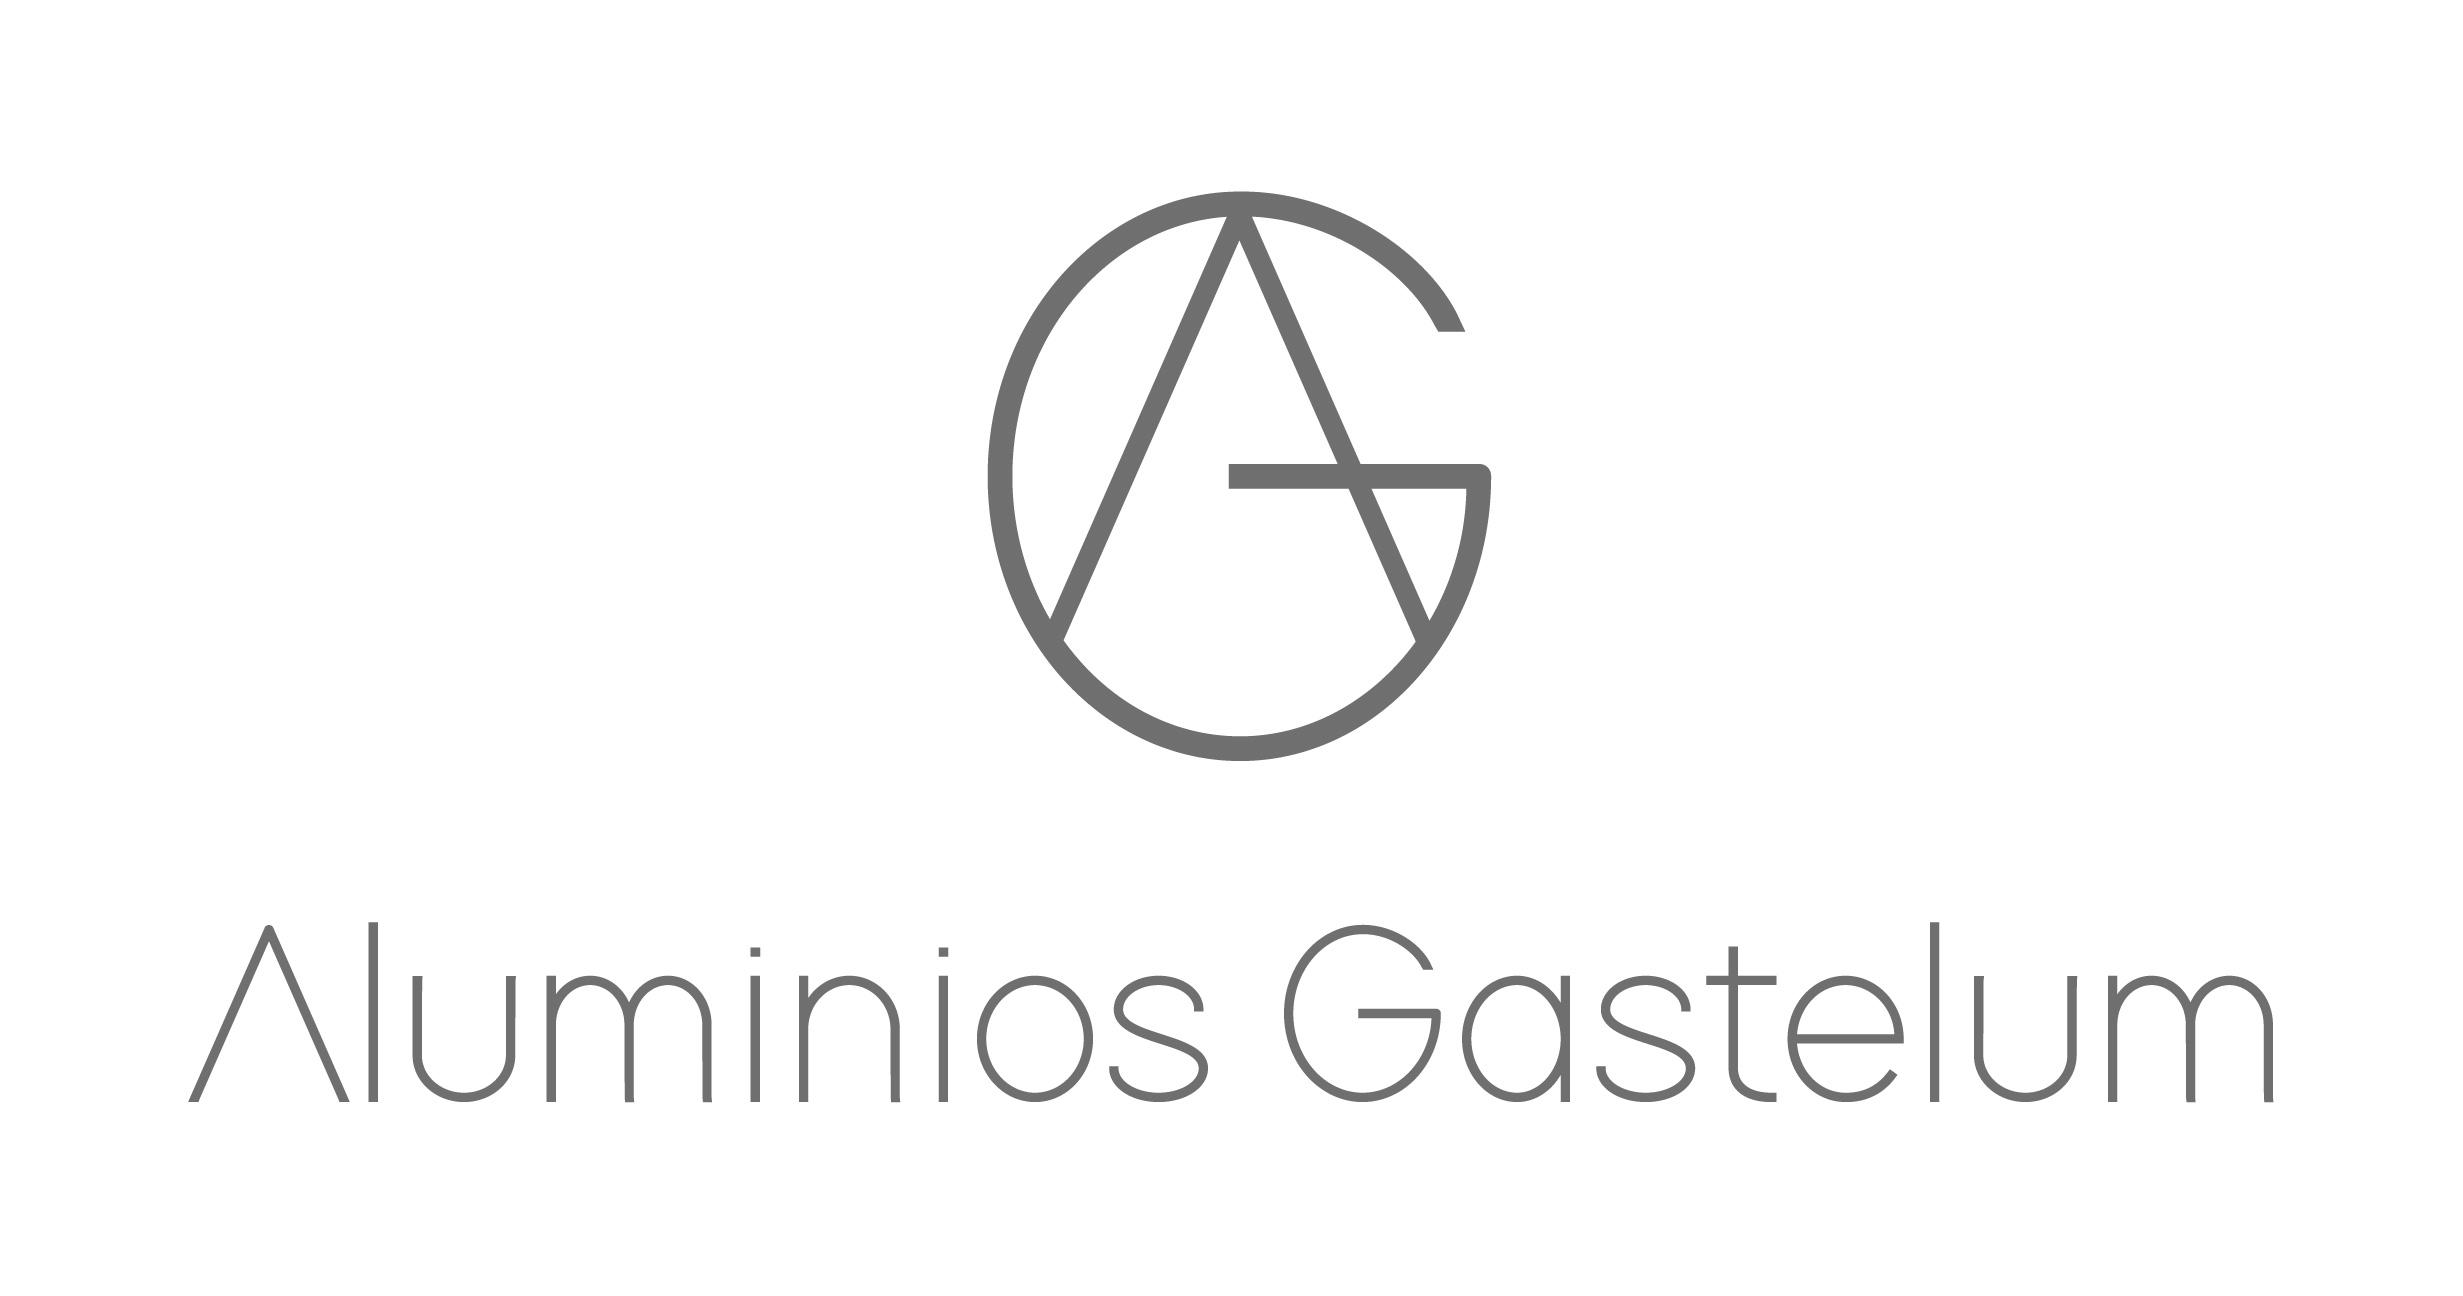 Aluminios Gastelum